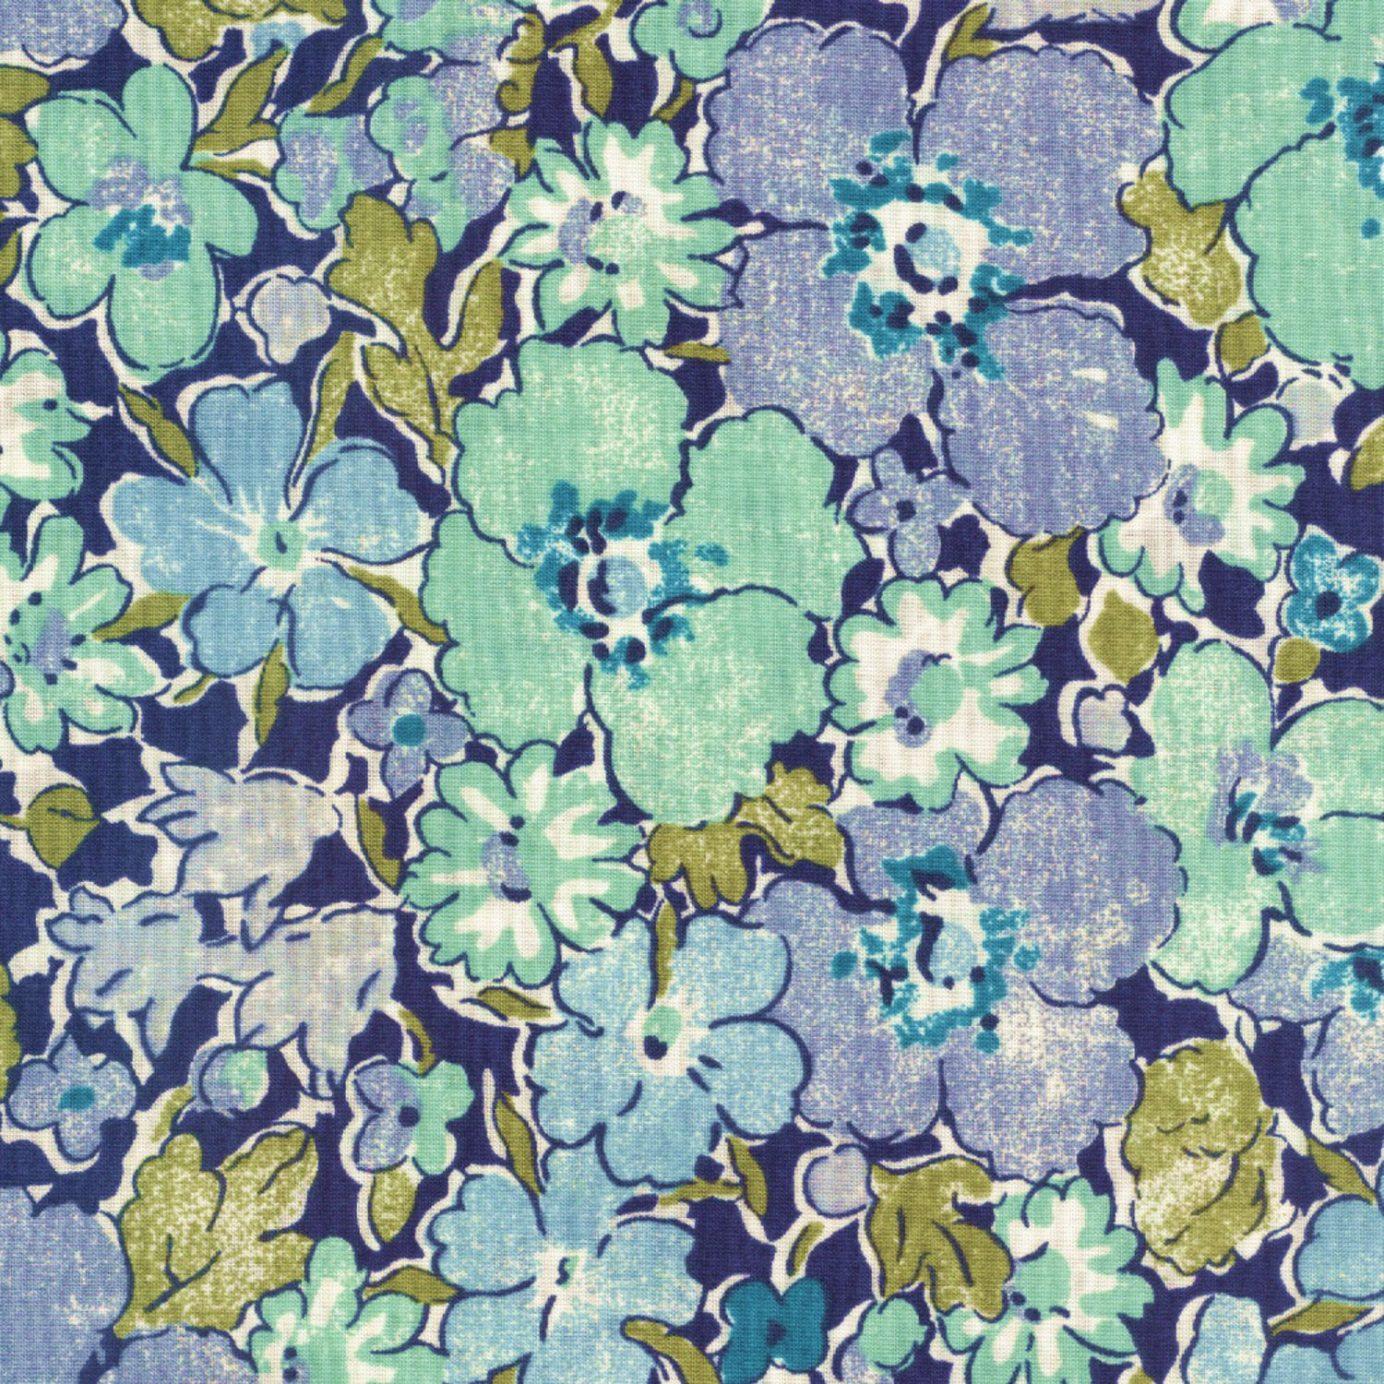 liberty-tana-lawn-fabric-gemma-b